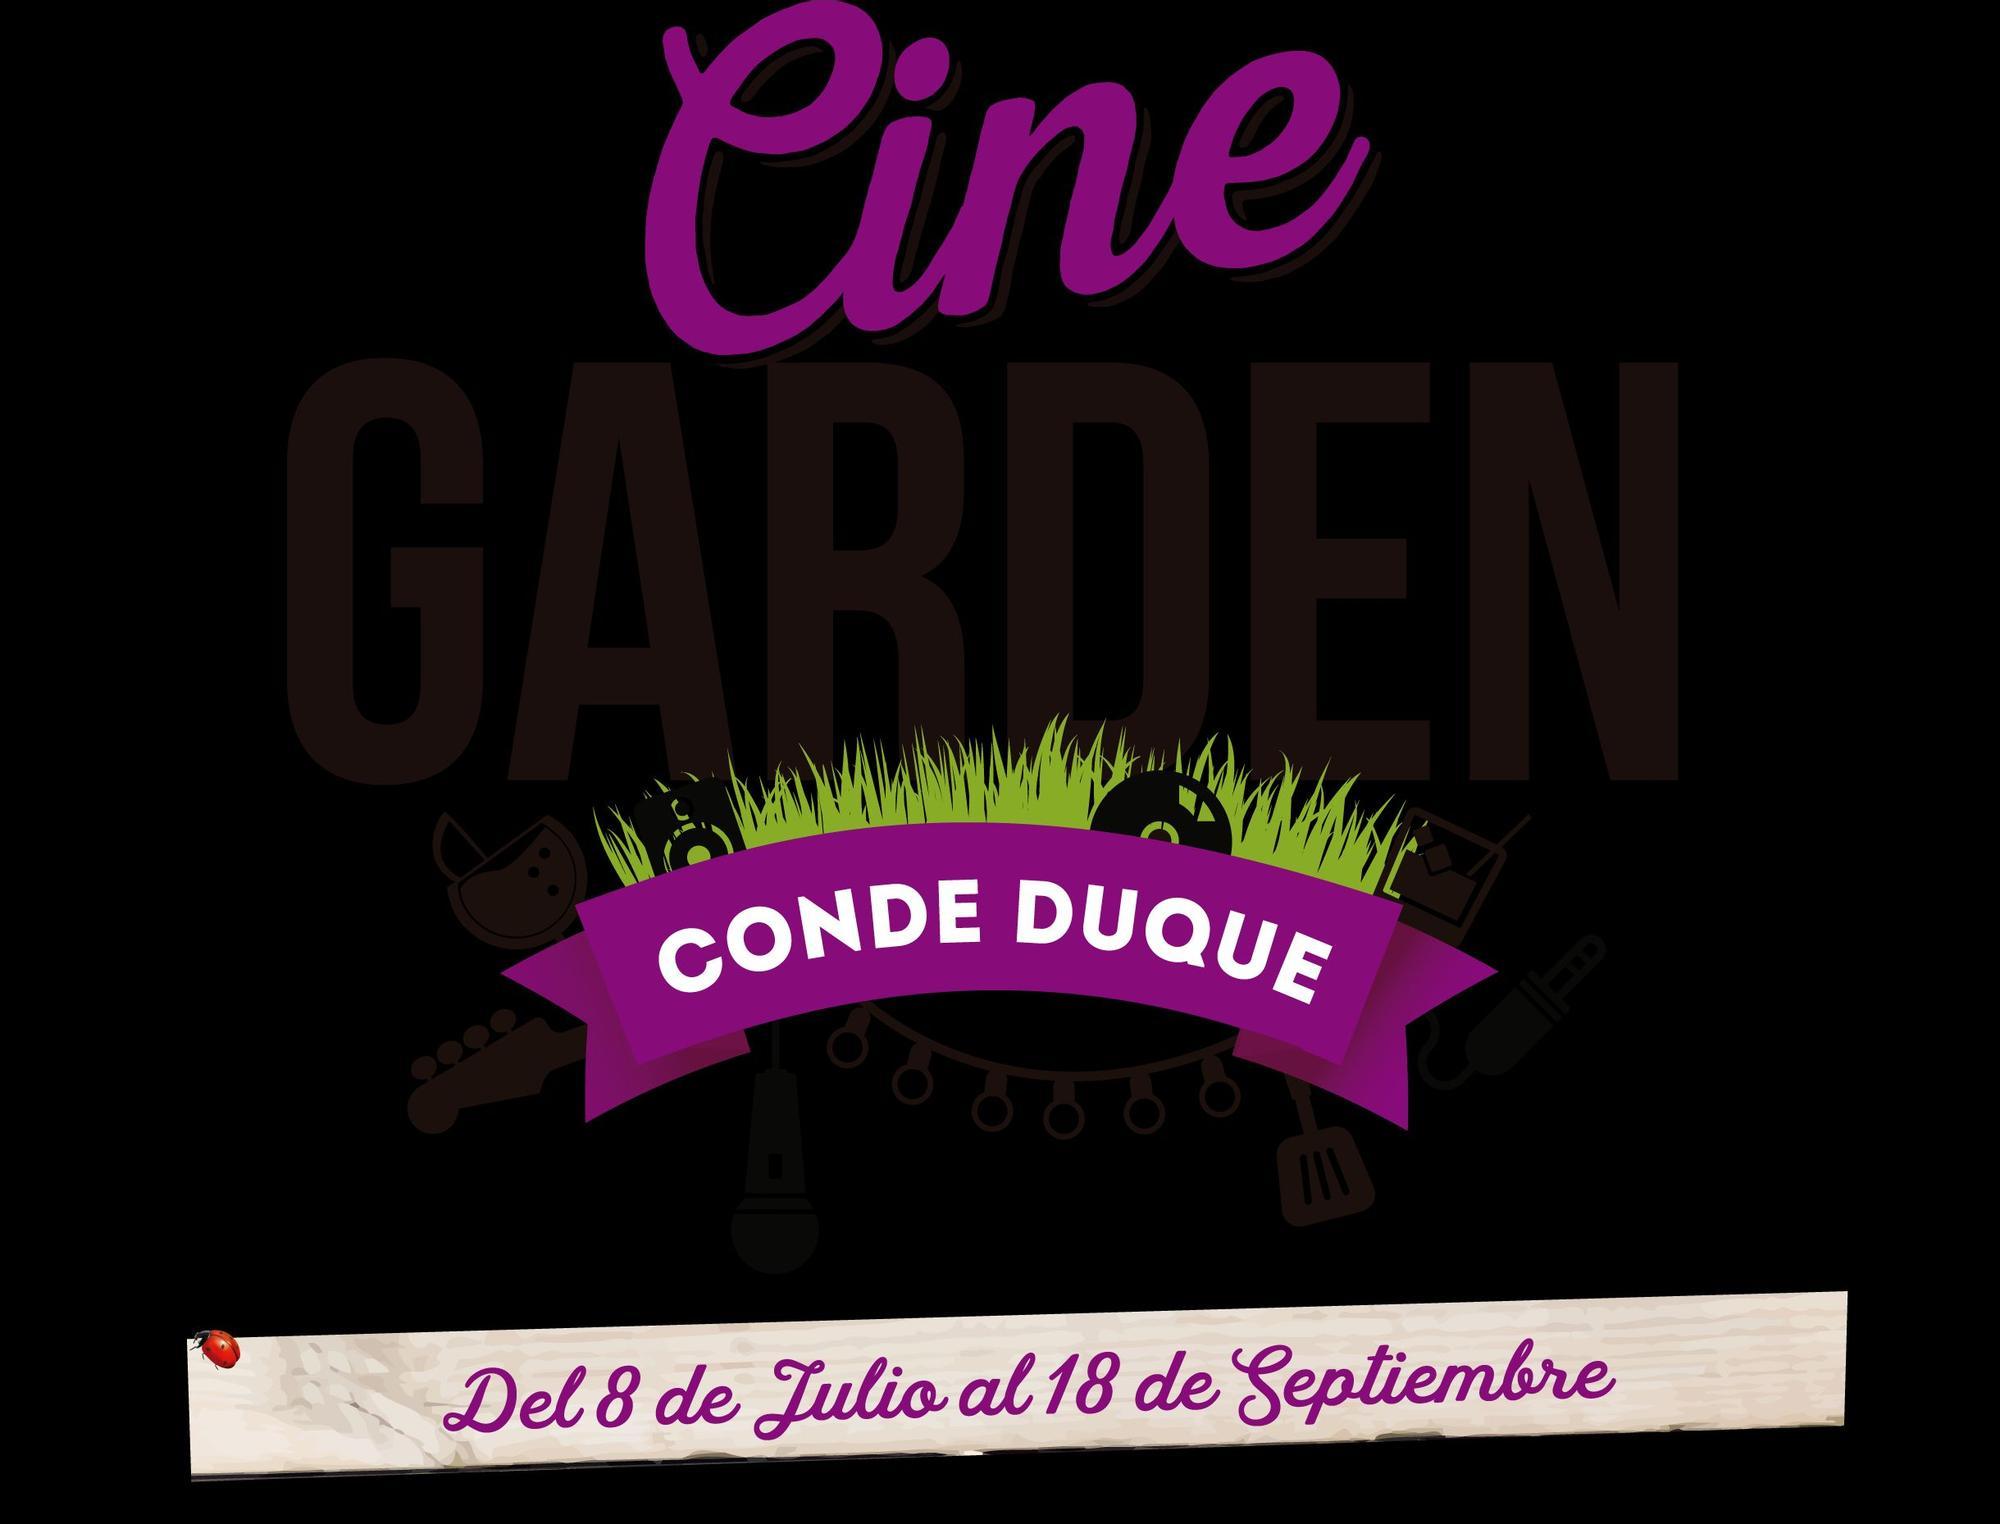 Cine Garden 2016 - cine de verano en Conde Duque